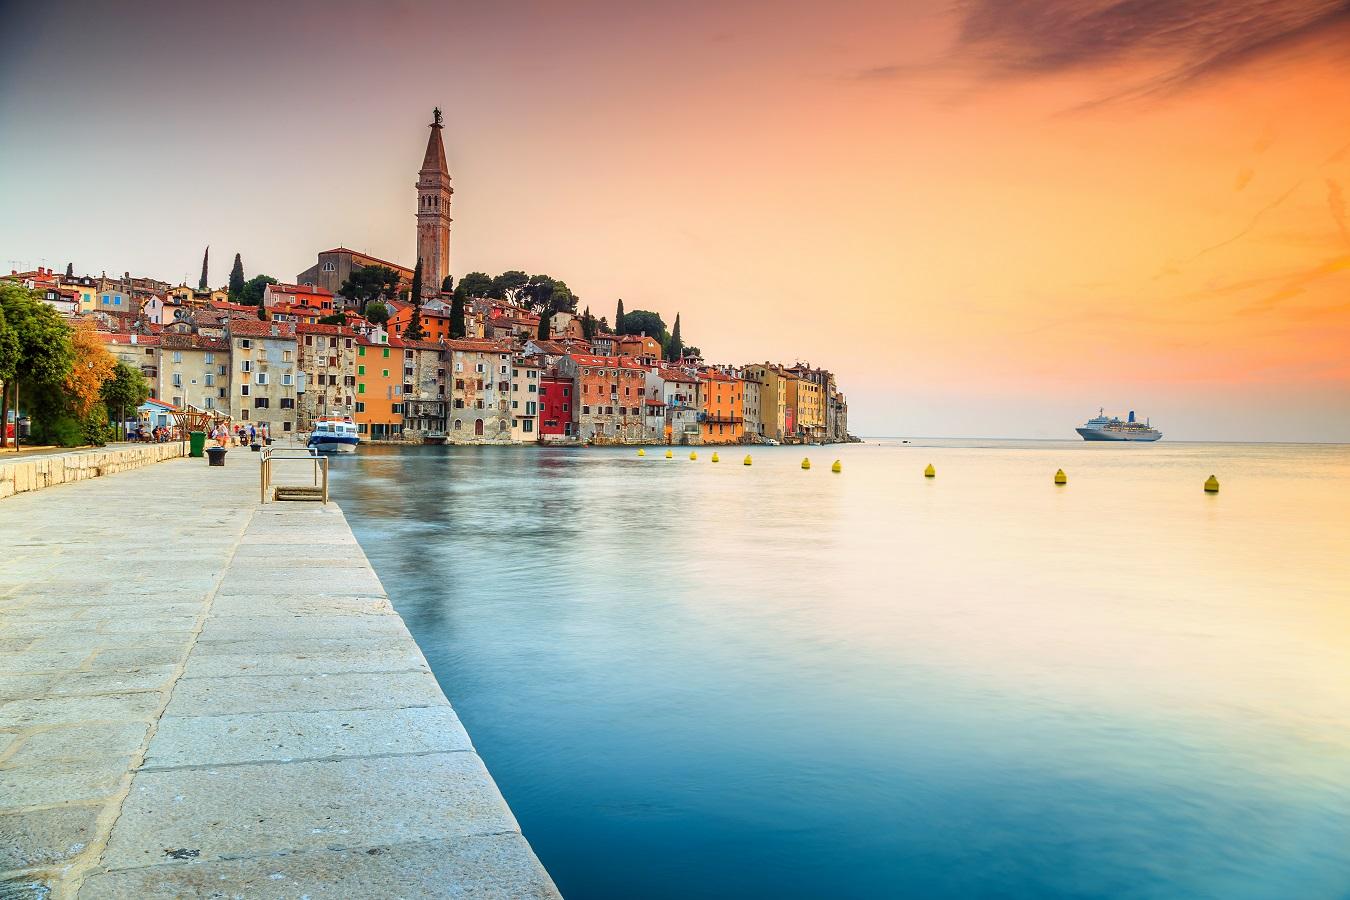 Das Küstenstädchen Rovinj lockt mit farbenfrohen Fassaden und einem tollen Ausblick auf das Meer.